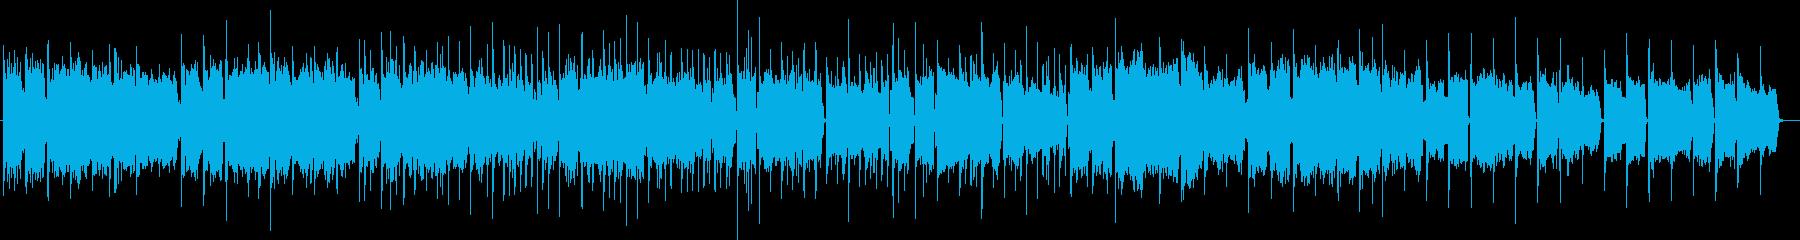 幻想的な音色のエレクトロニカの再生済みの波形